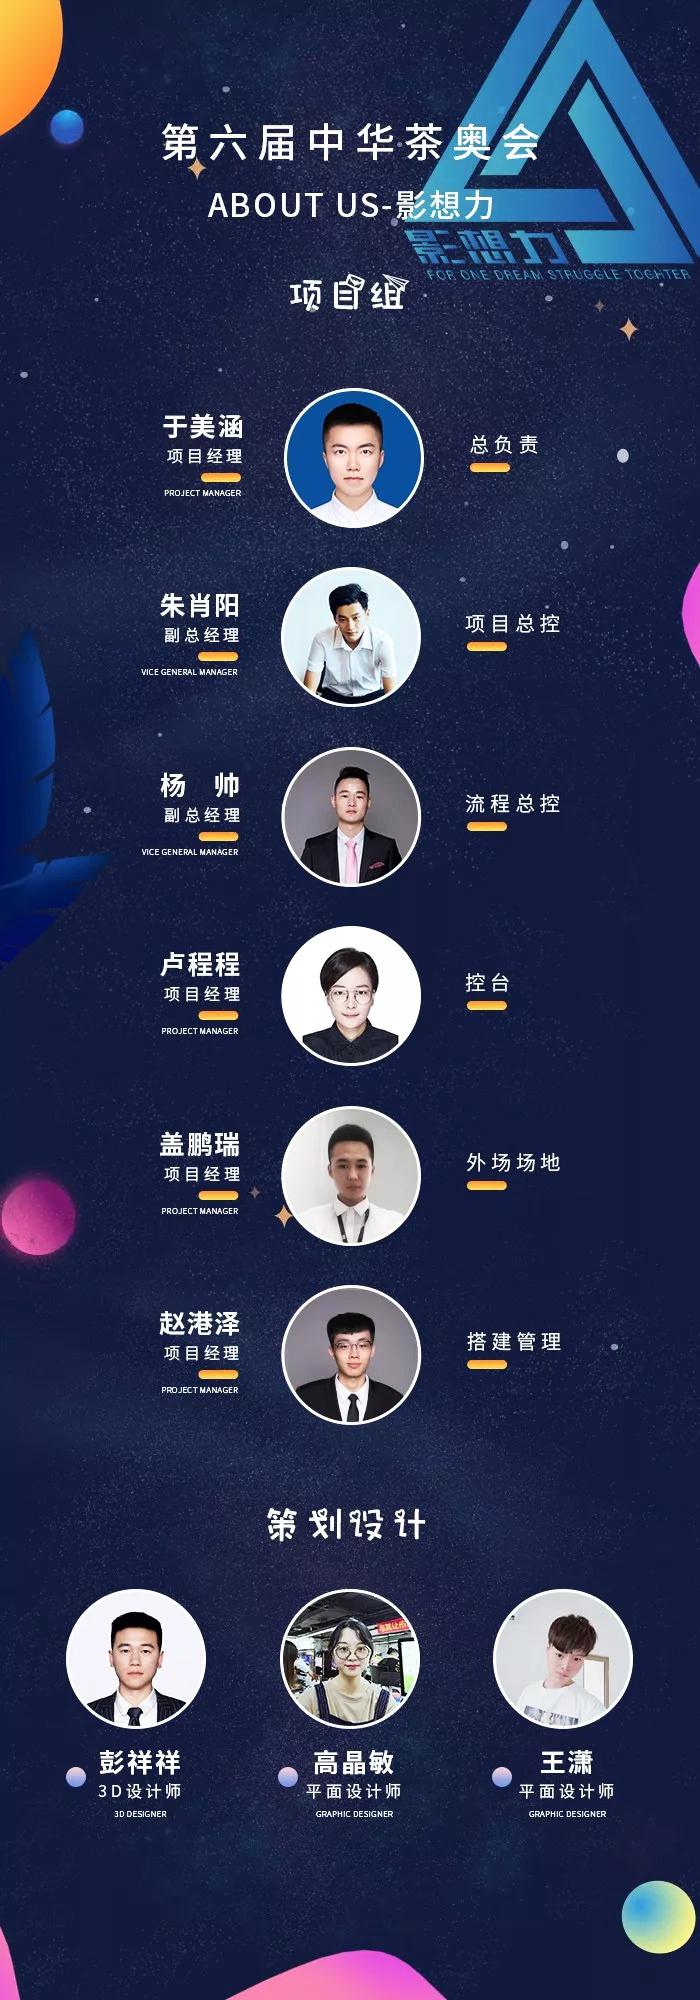 中华茶奥会2020伍方会议项目组